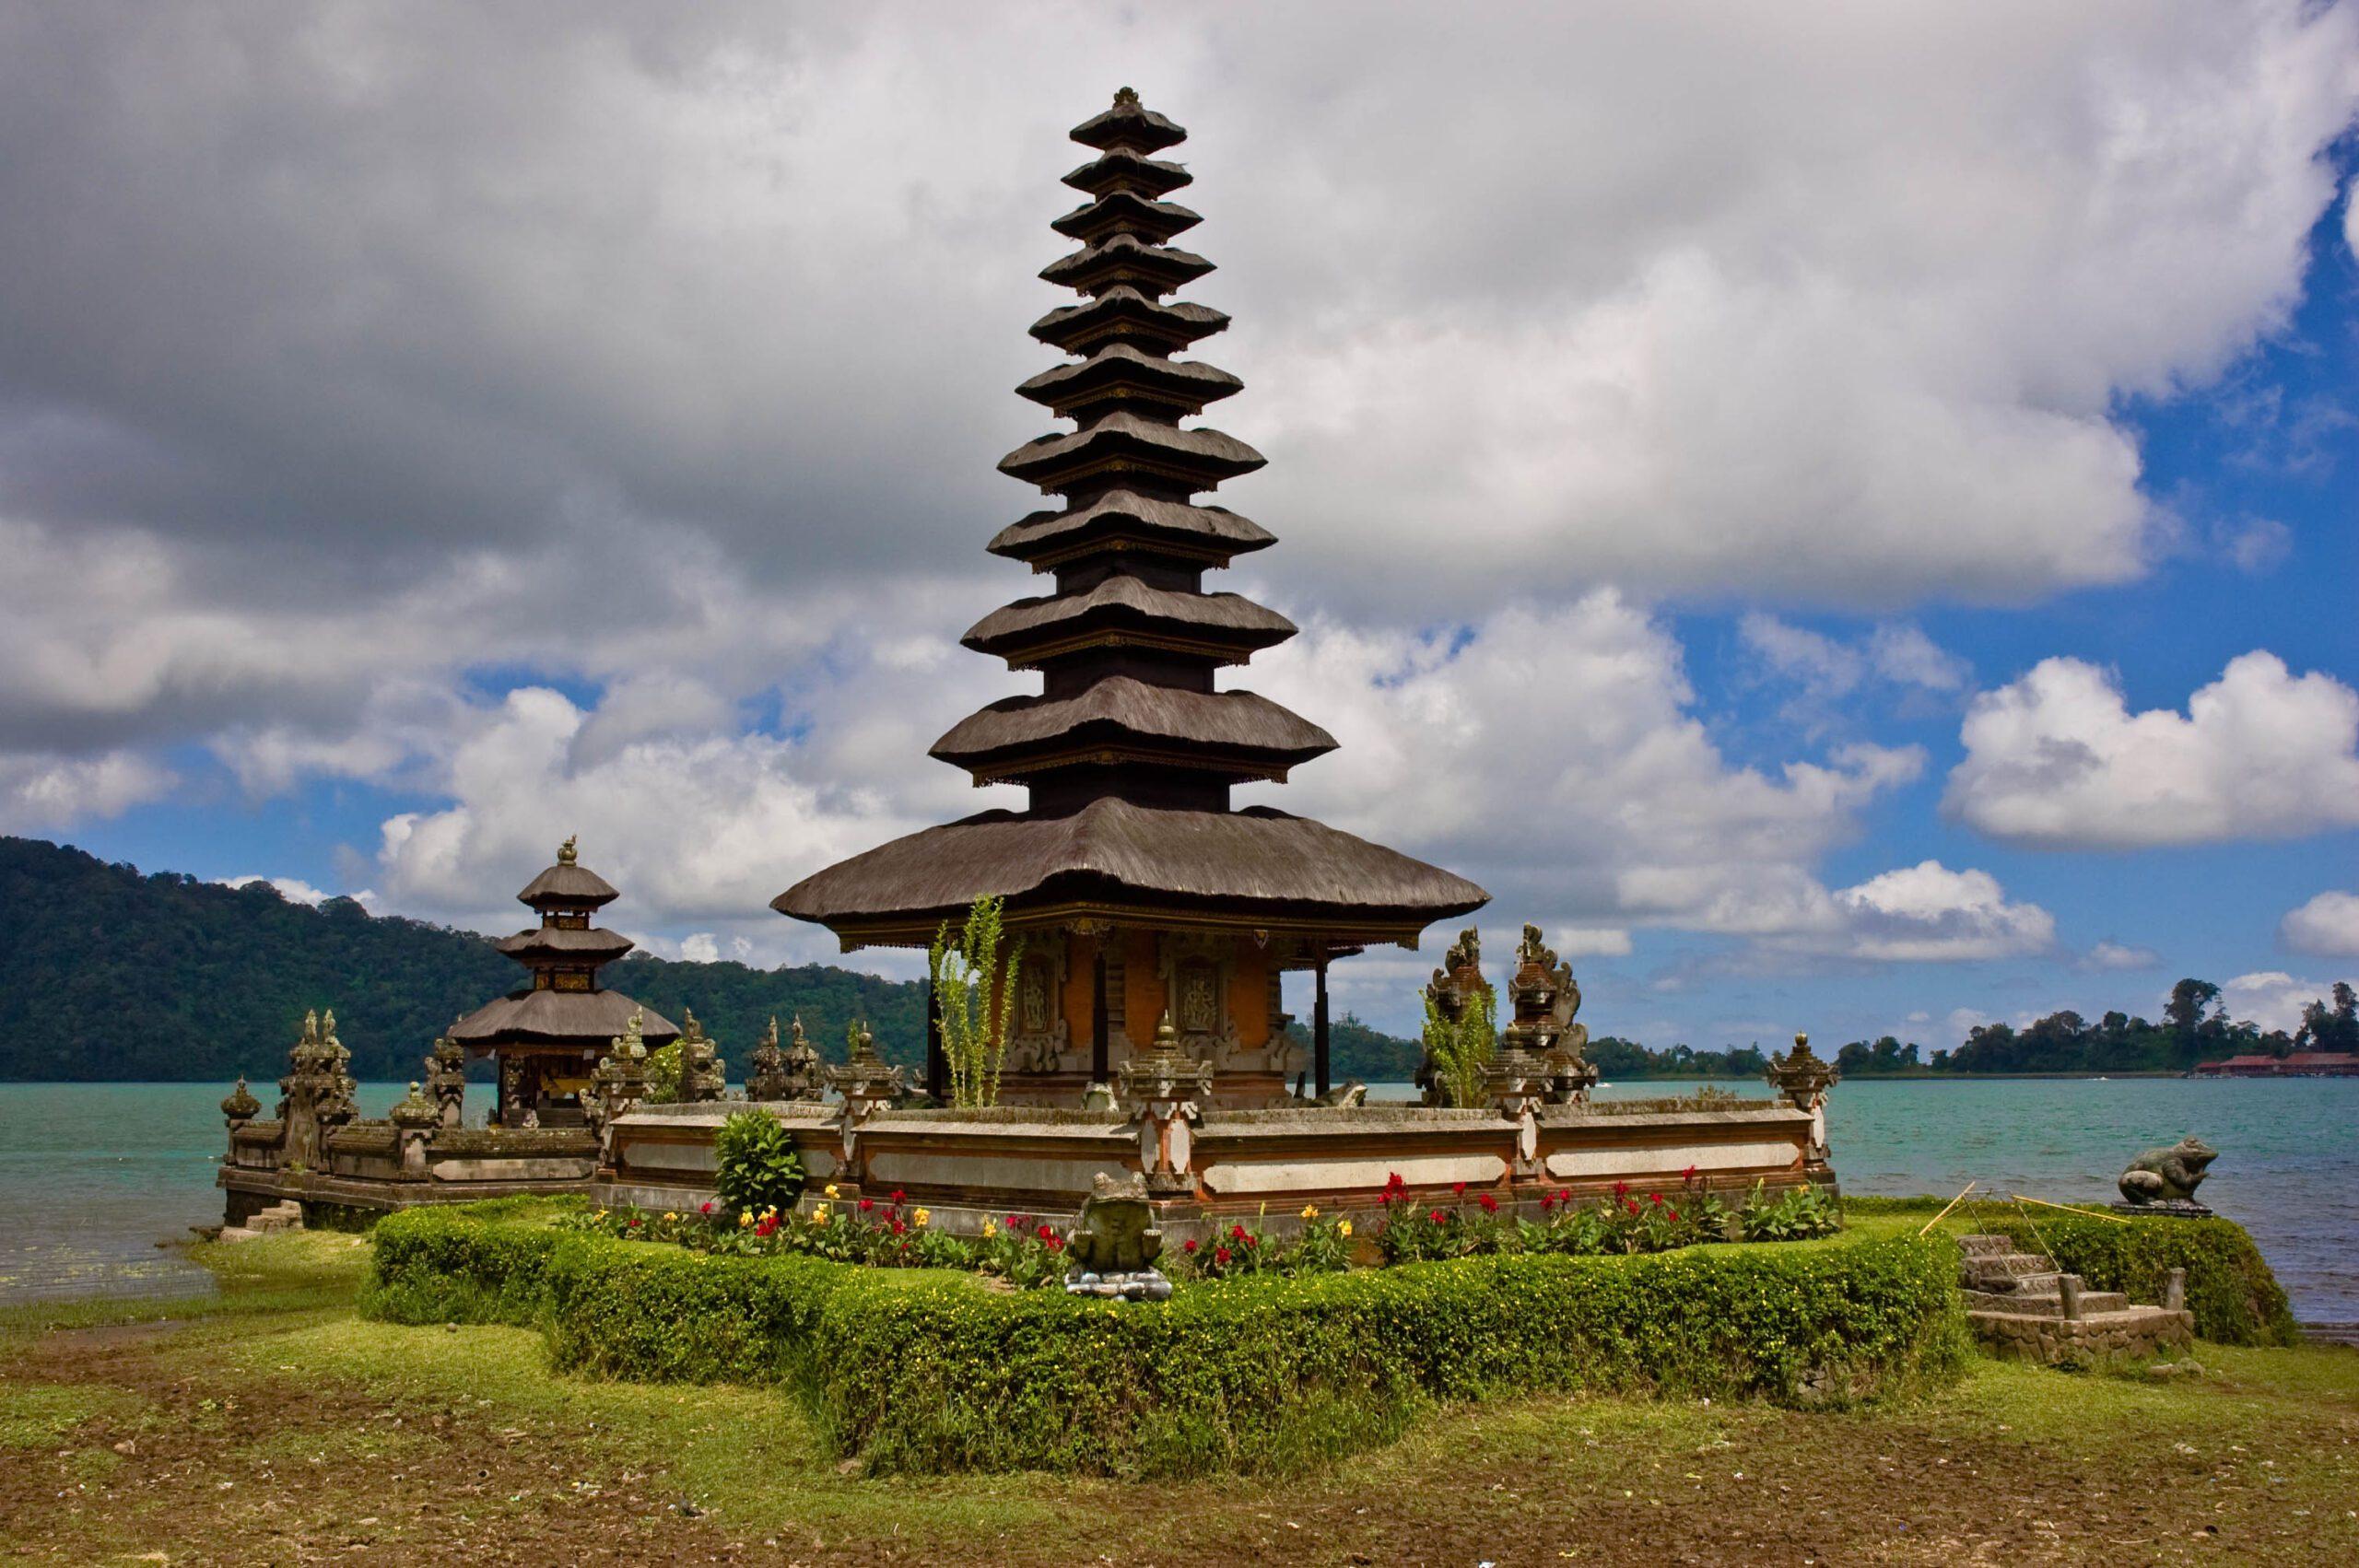 Фото буддистского храма